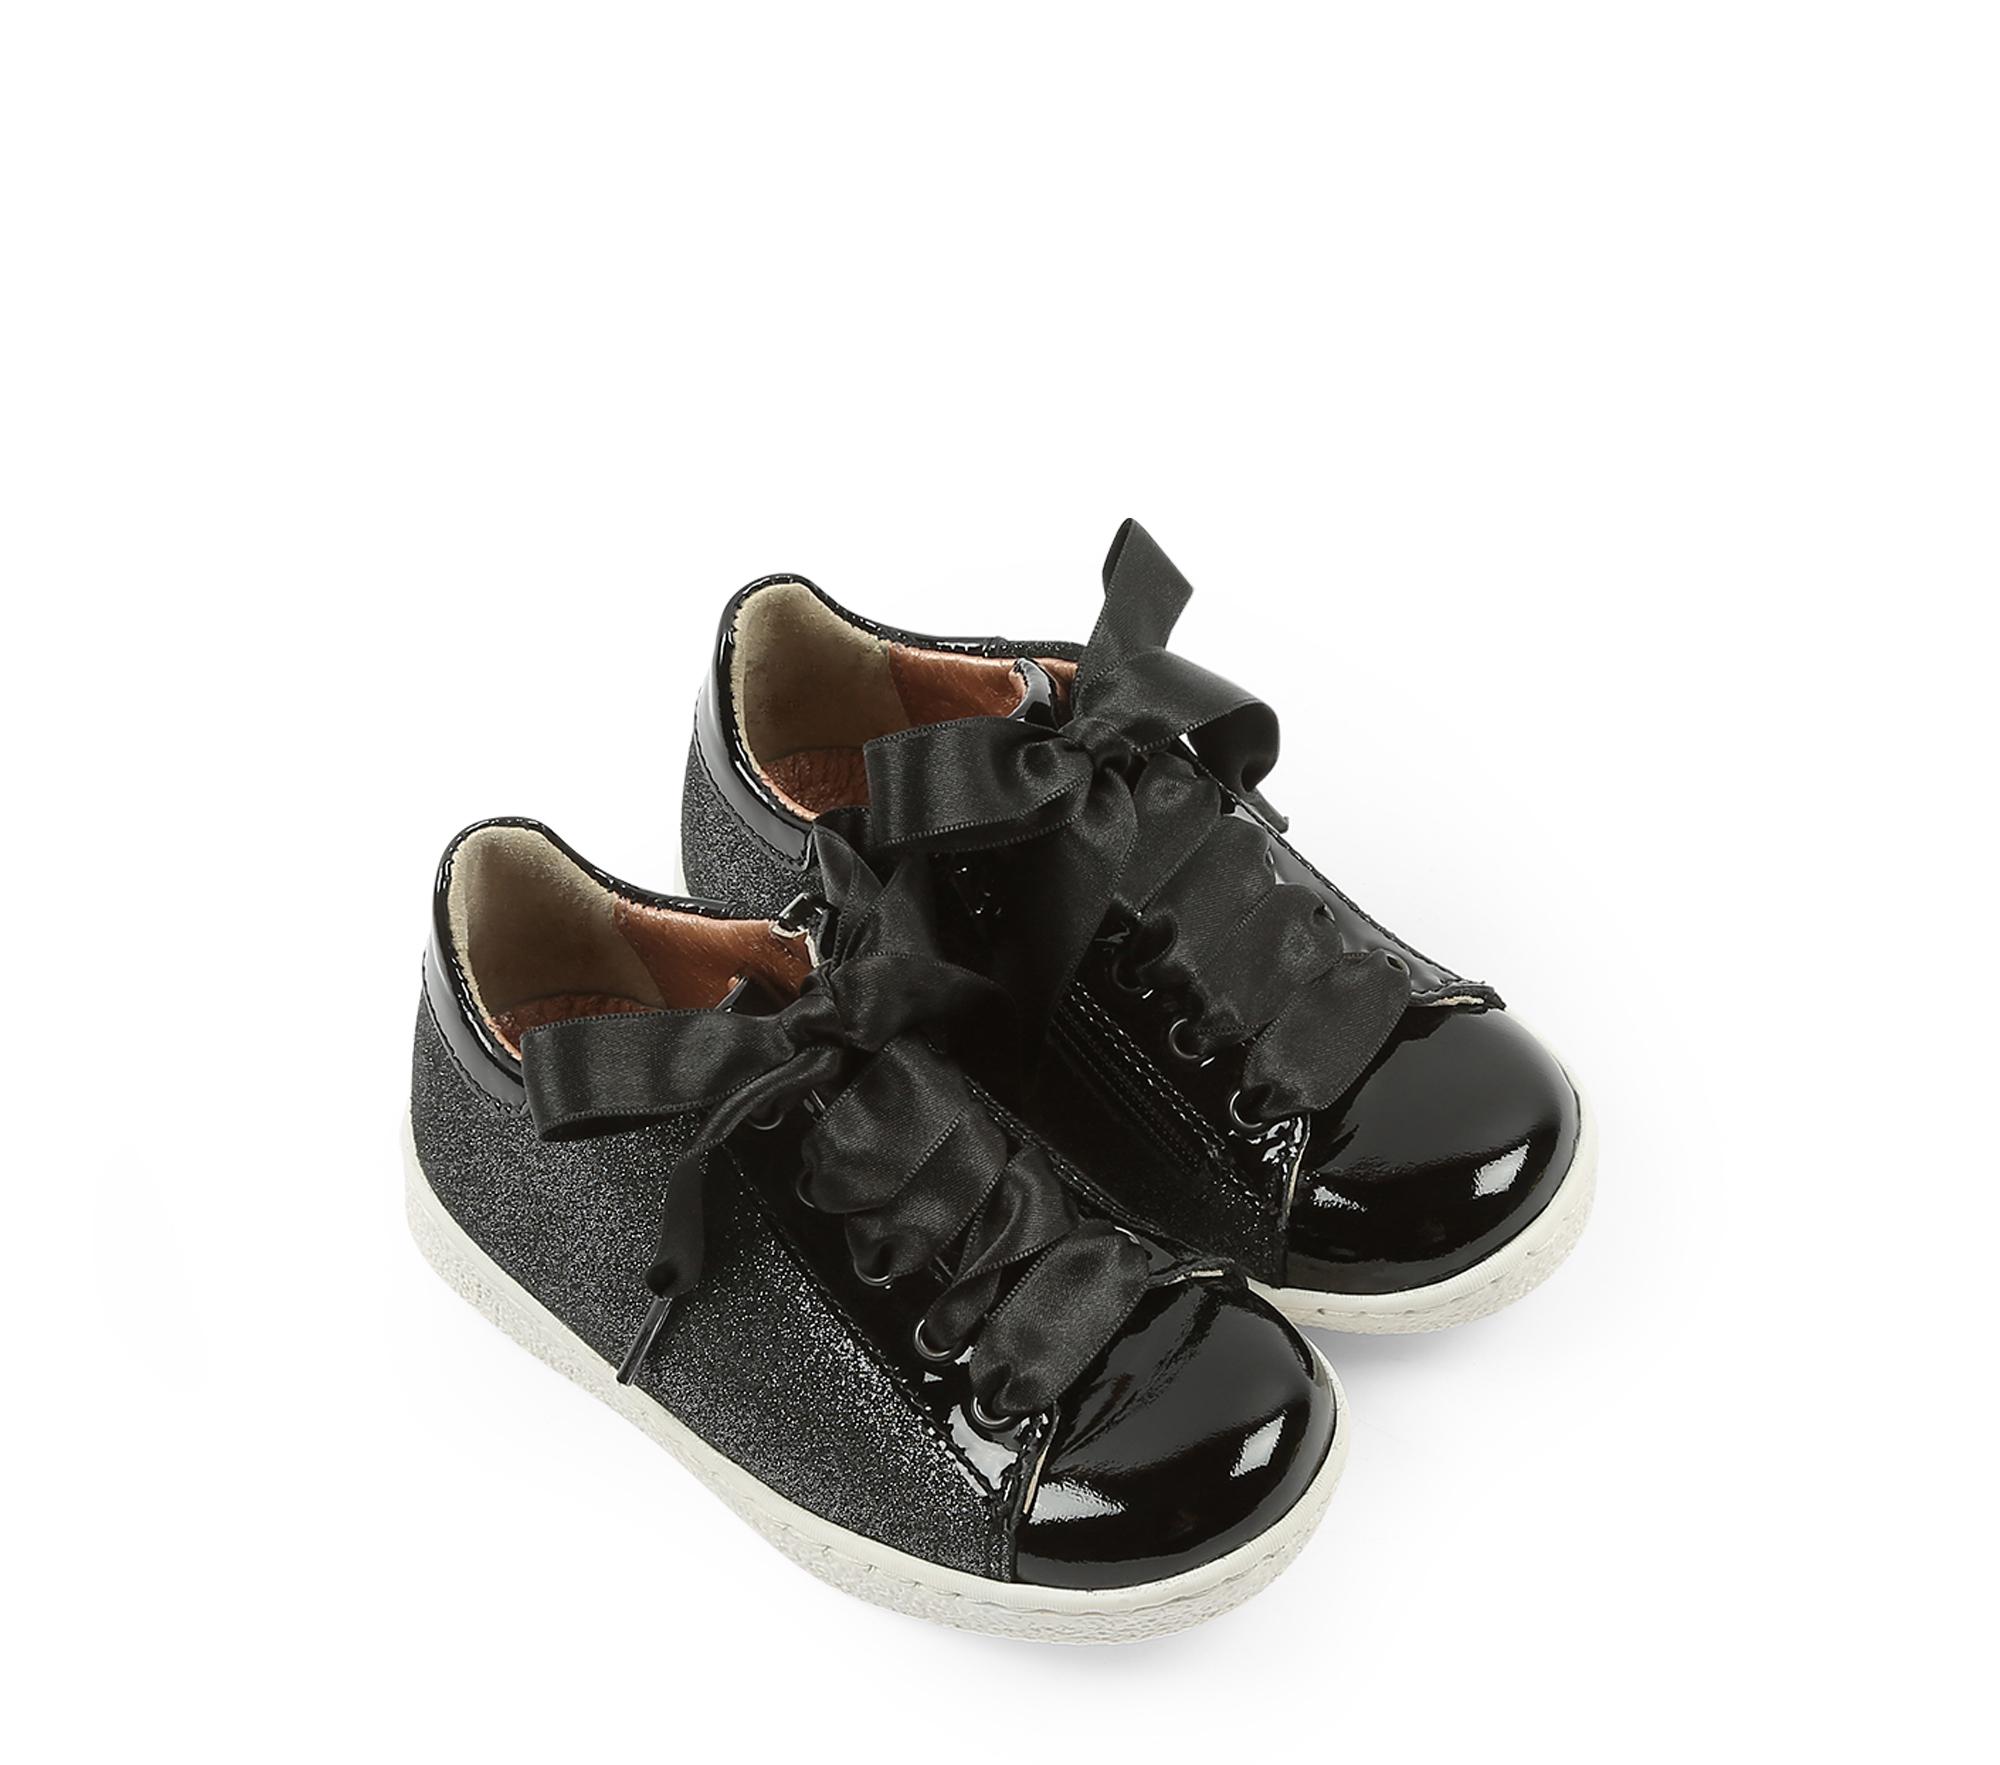 Elsa sneakers - Baby